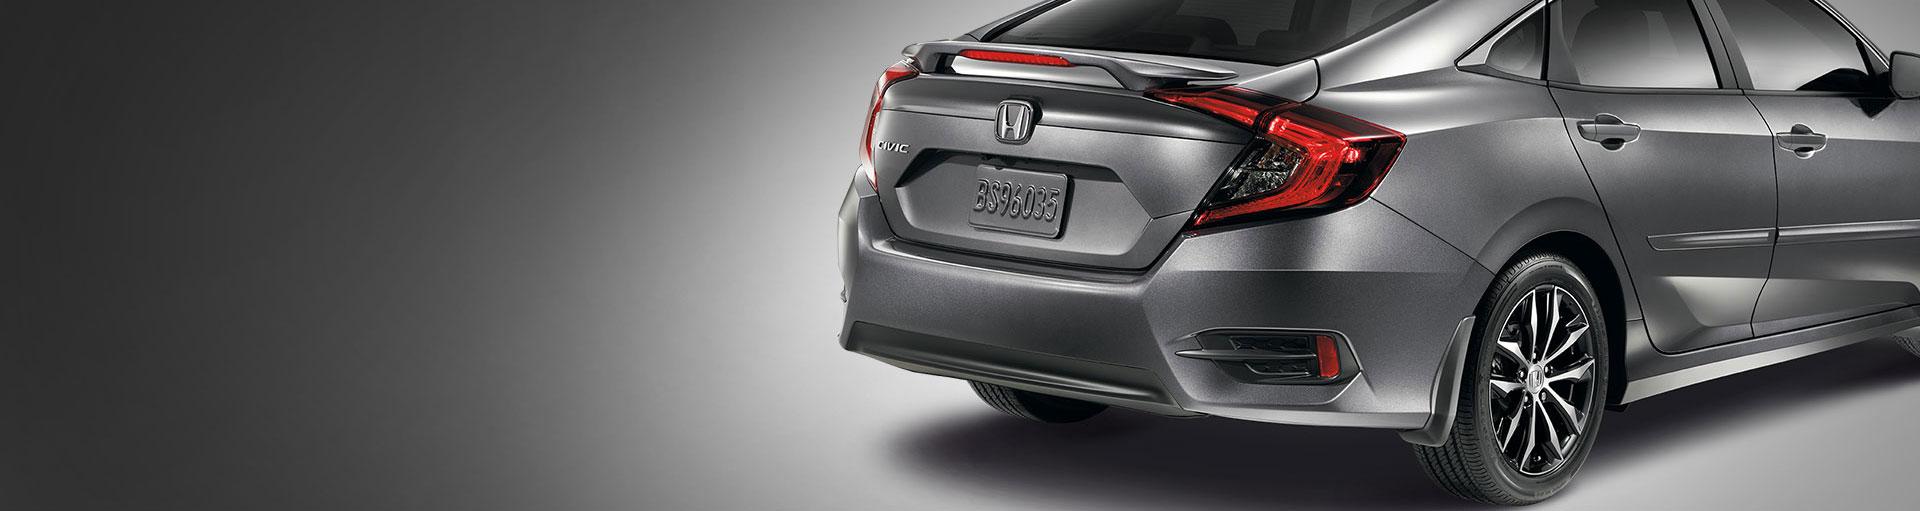 Honda accessories Department